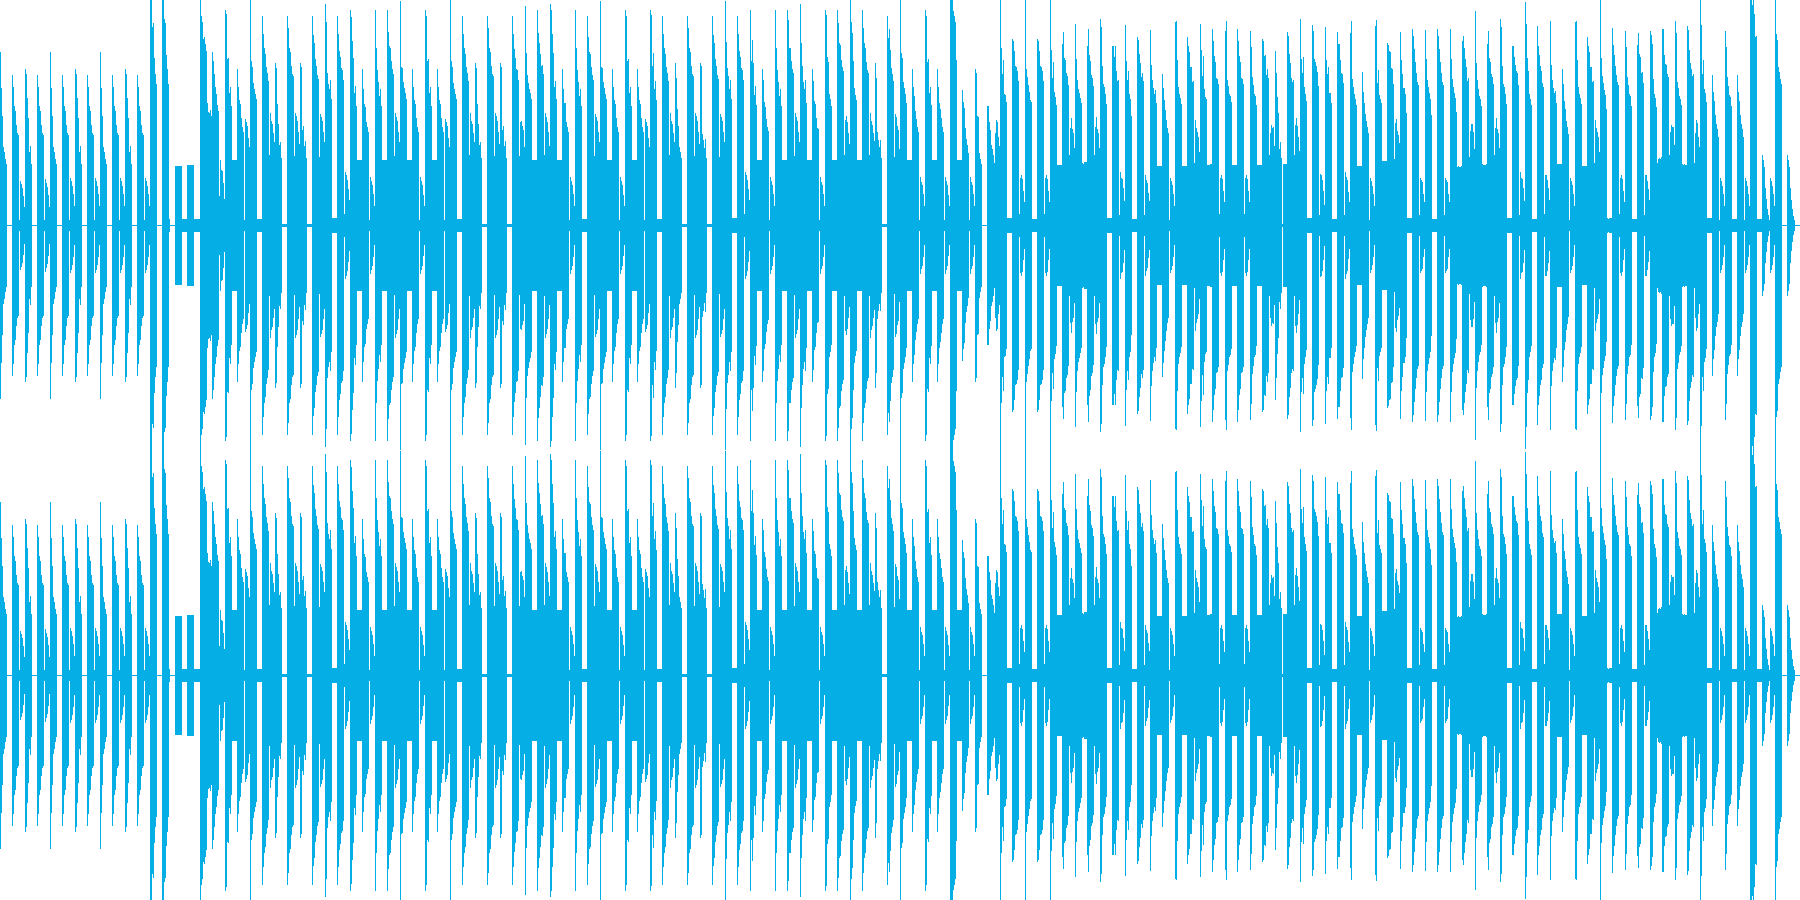 のどかな街のチップチューン風BGMの再生済みの波形